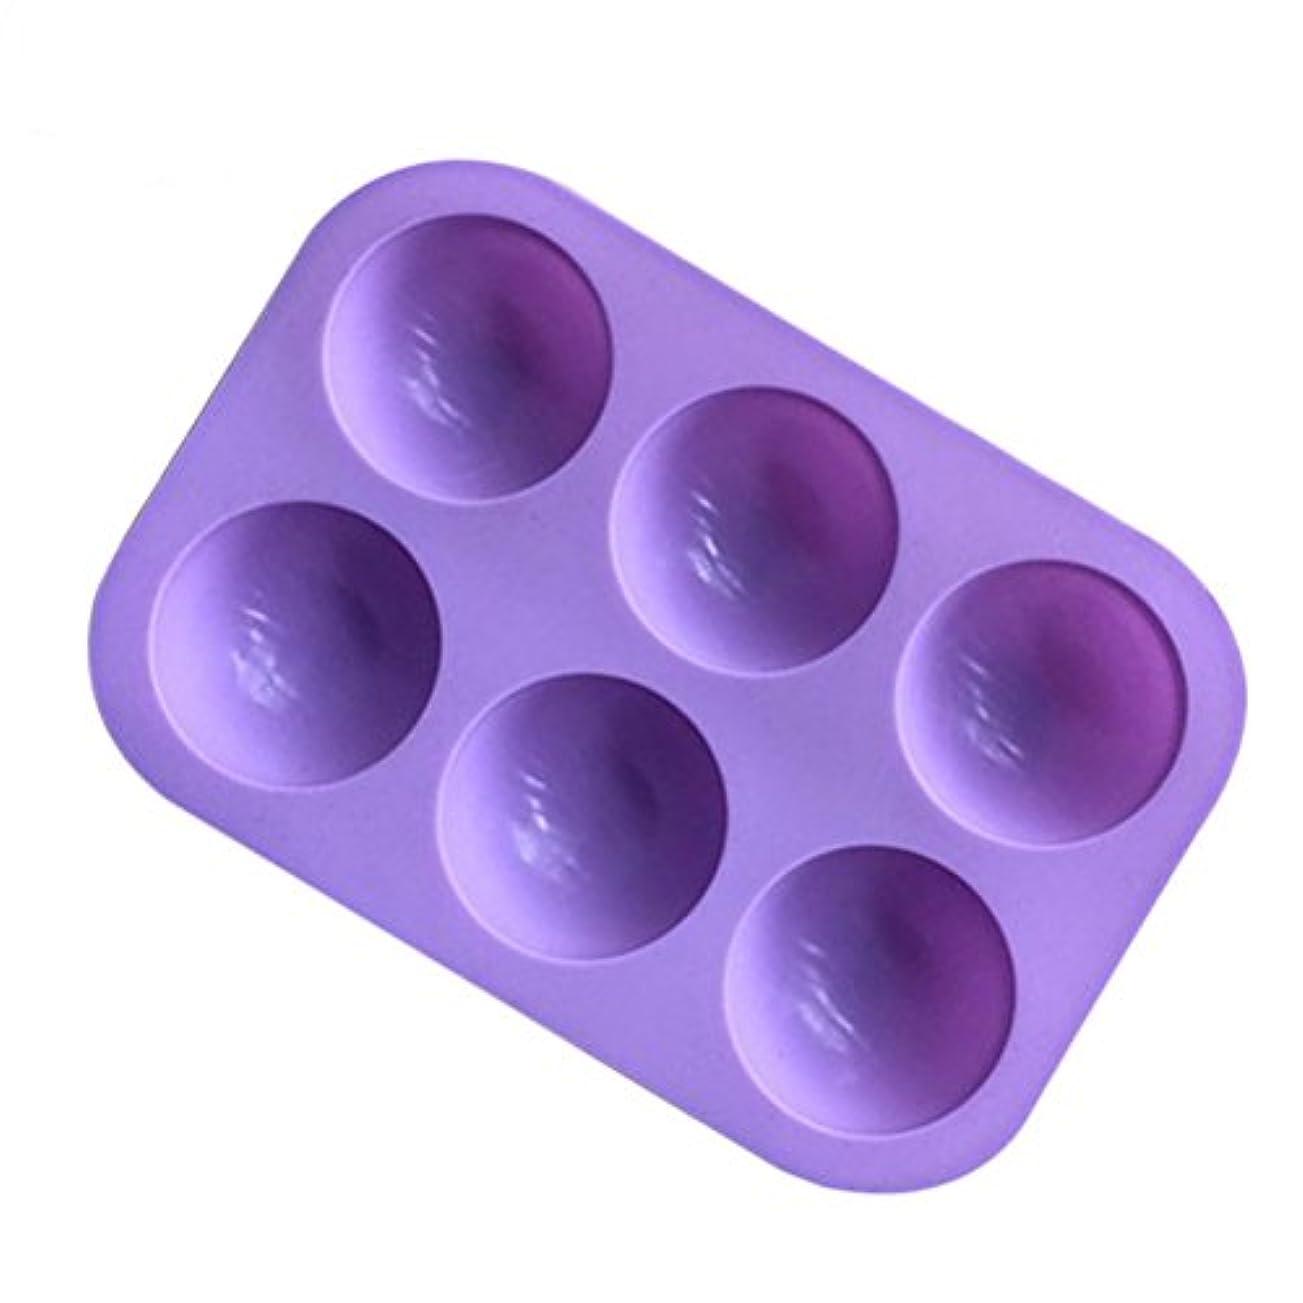 プールセミナー勢いBESTONZON シリコンソープモールド半円マフィンパンカップケーキキャンディモールドケーキチョコレートモールドベーキングモールド6個のキャビティ(紫色)